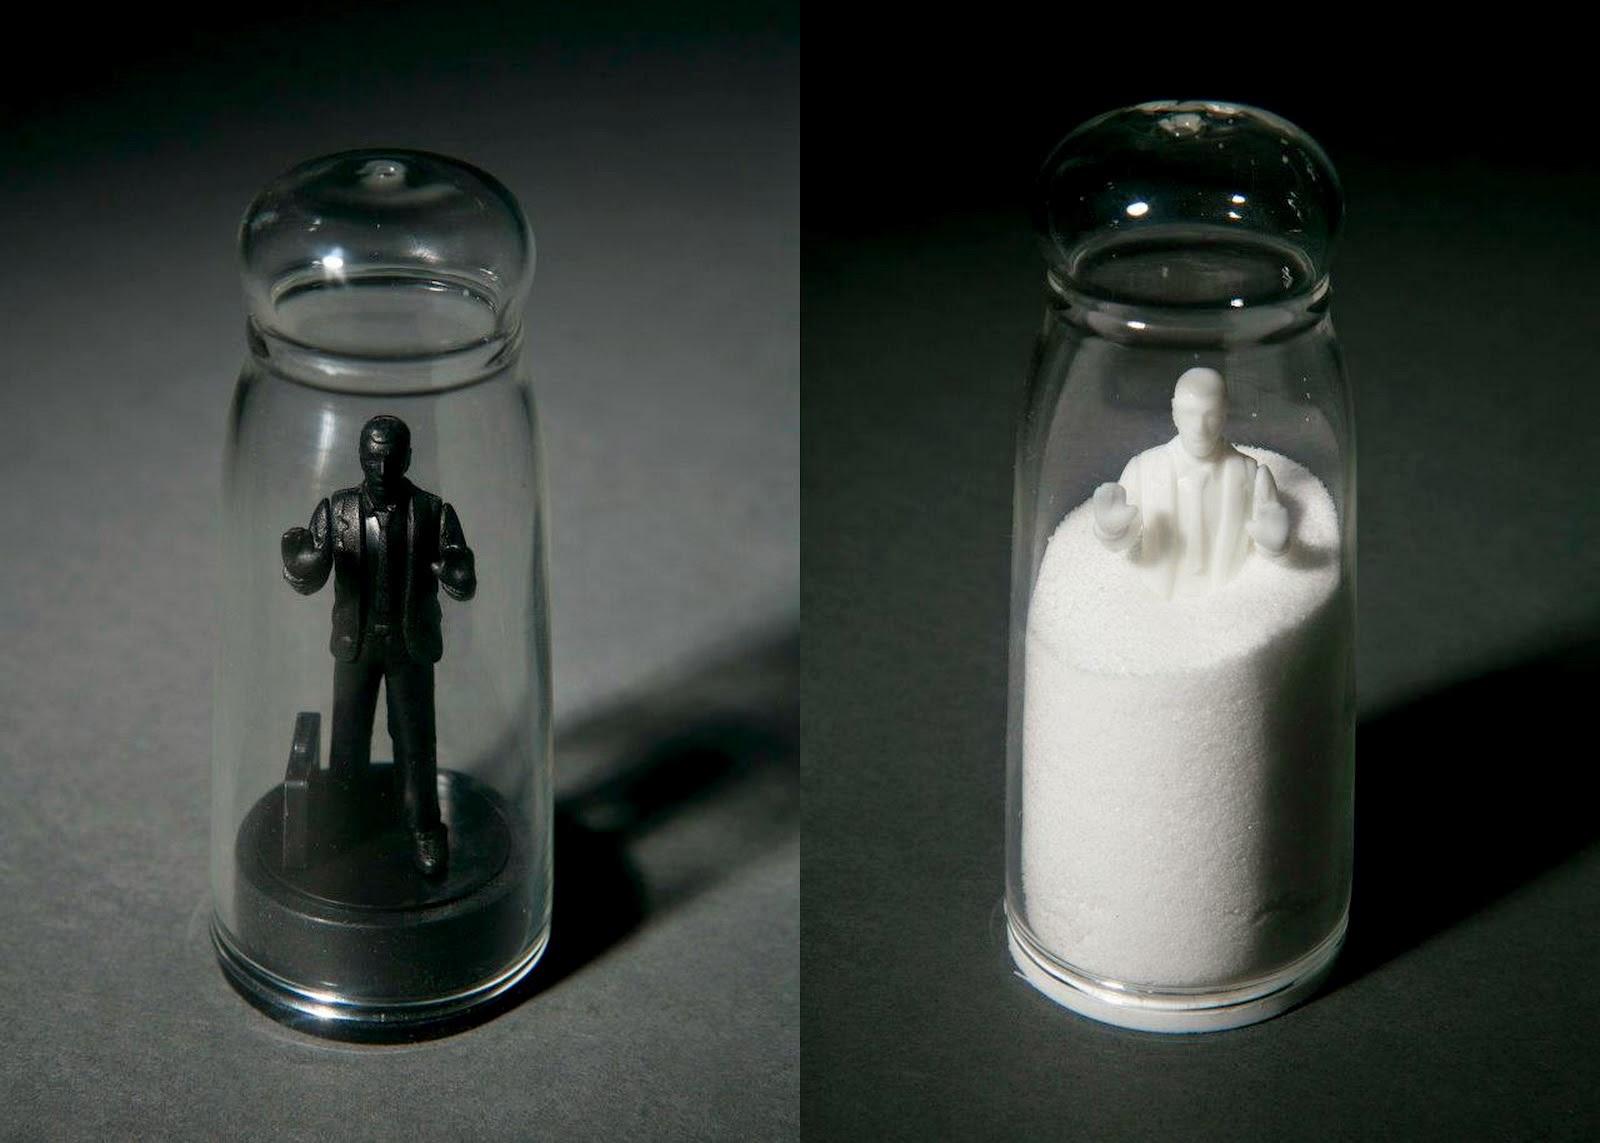 Retro Kimmer S Blog 11 Cool Salt And Pepper Shaker Sets